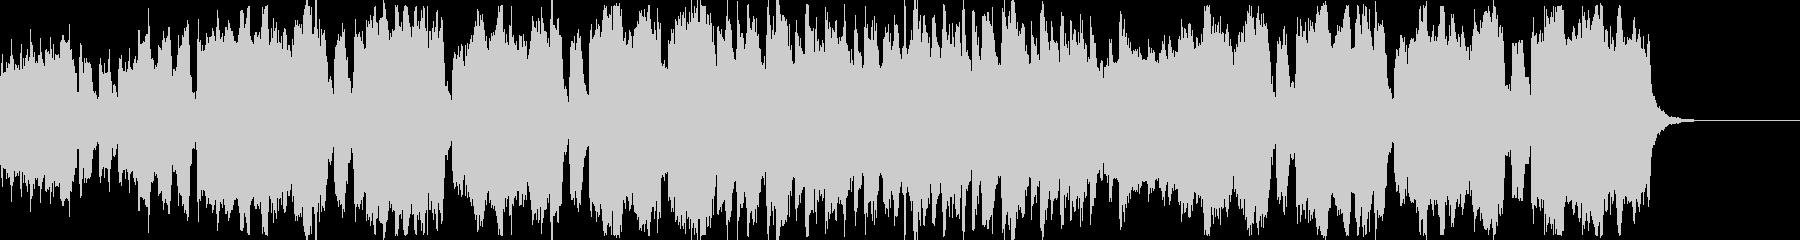 ハロウィンに使える少しおどけたBGMの未再生の波形